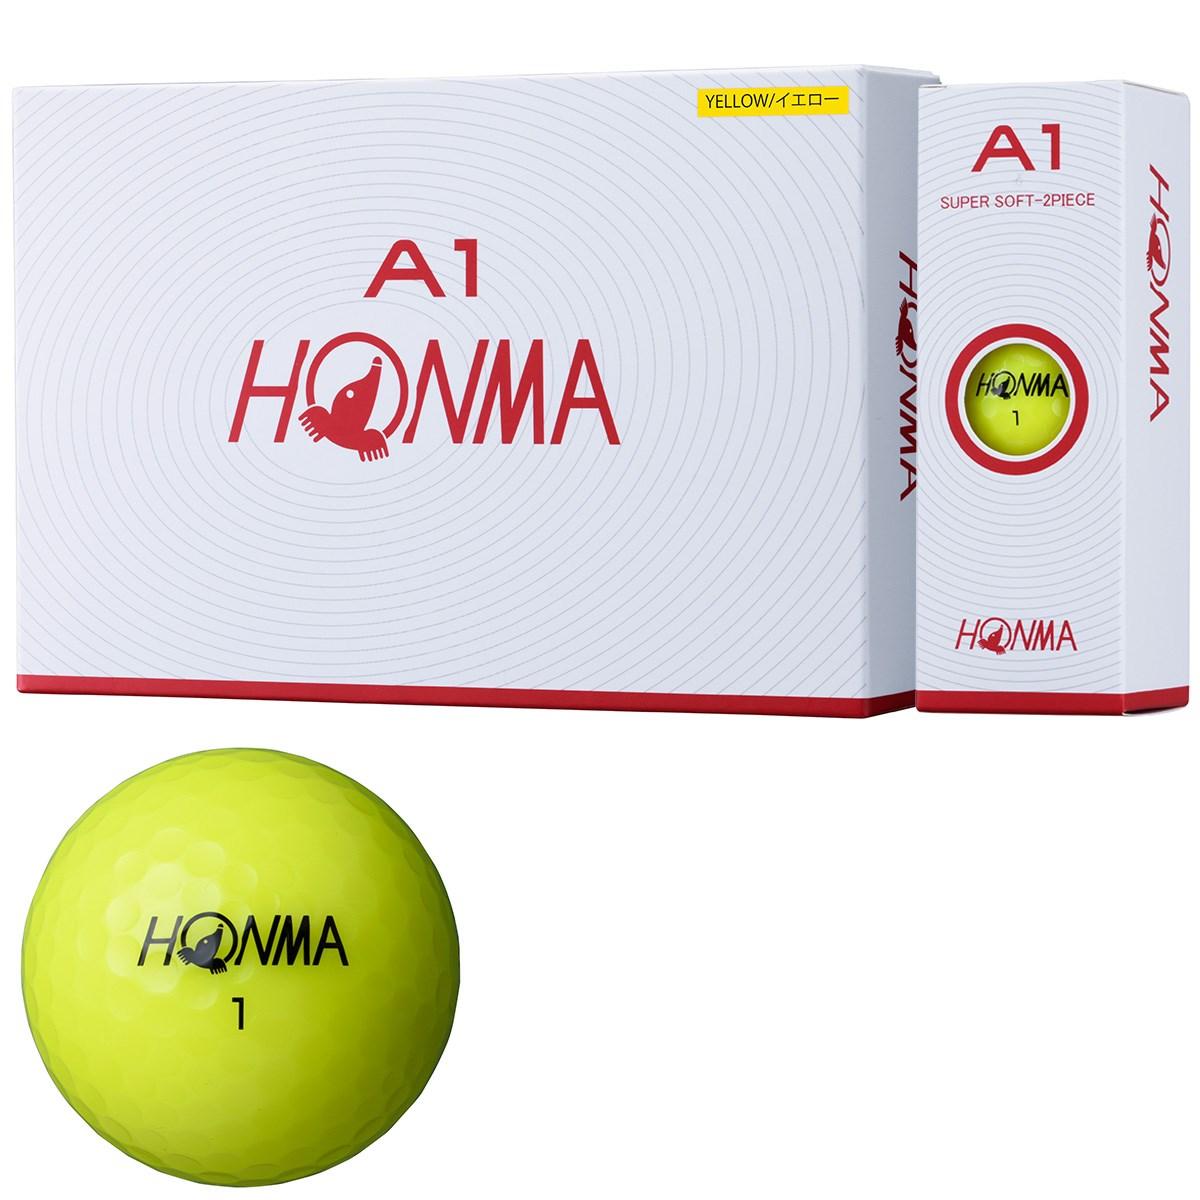 本間ゴルフ HONMA A1 ボール 1ダース(12個入り) イエロー